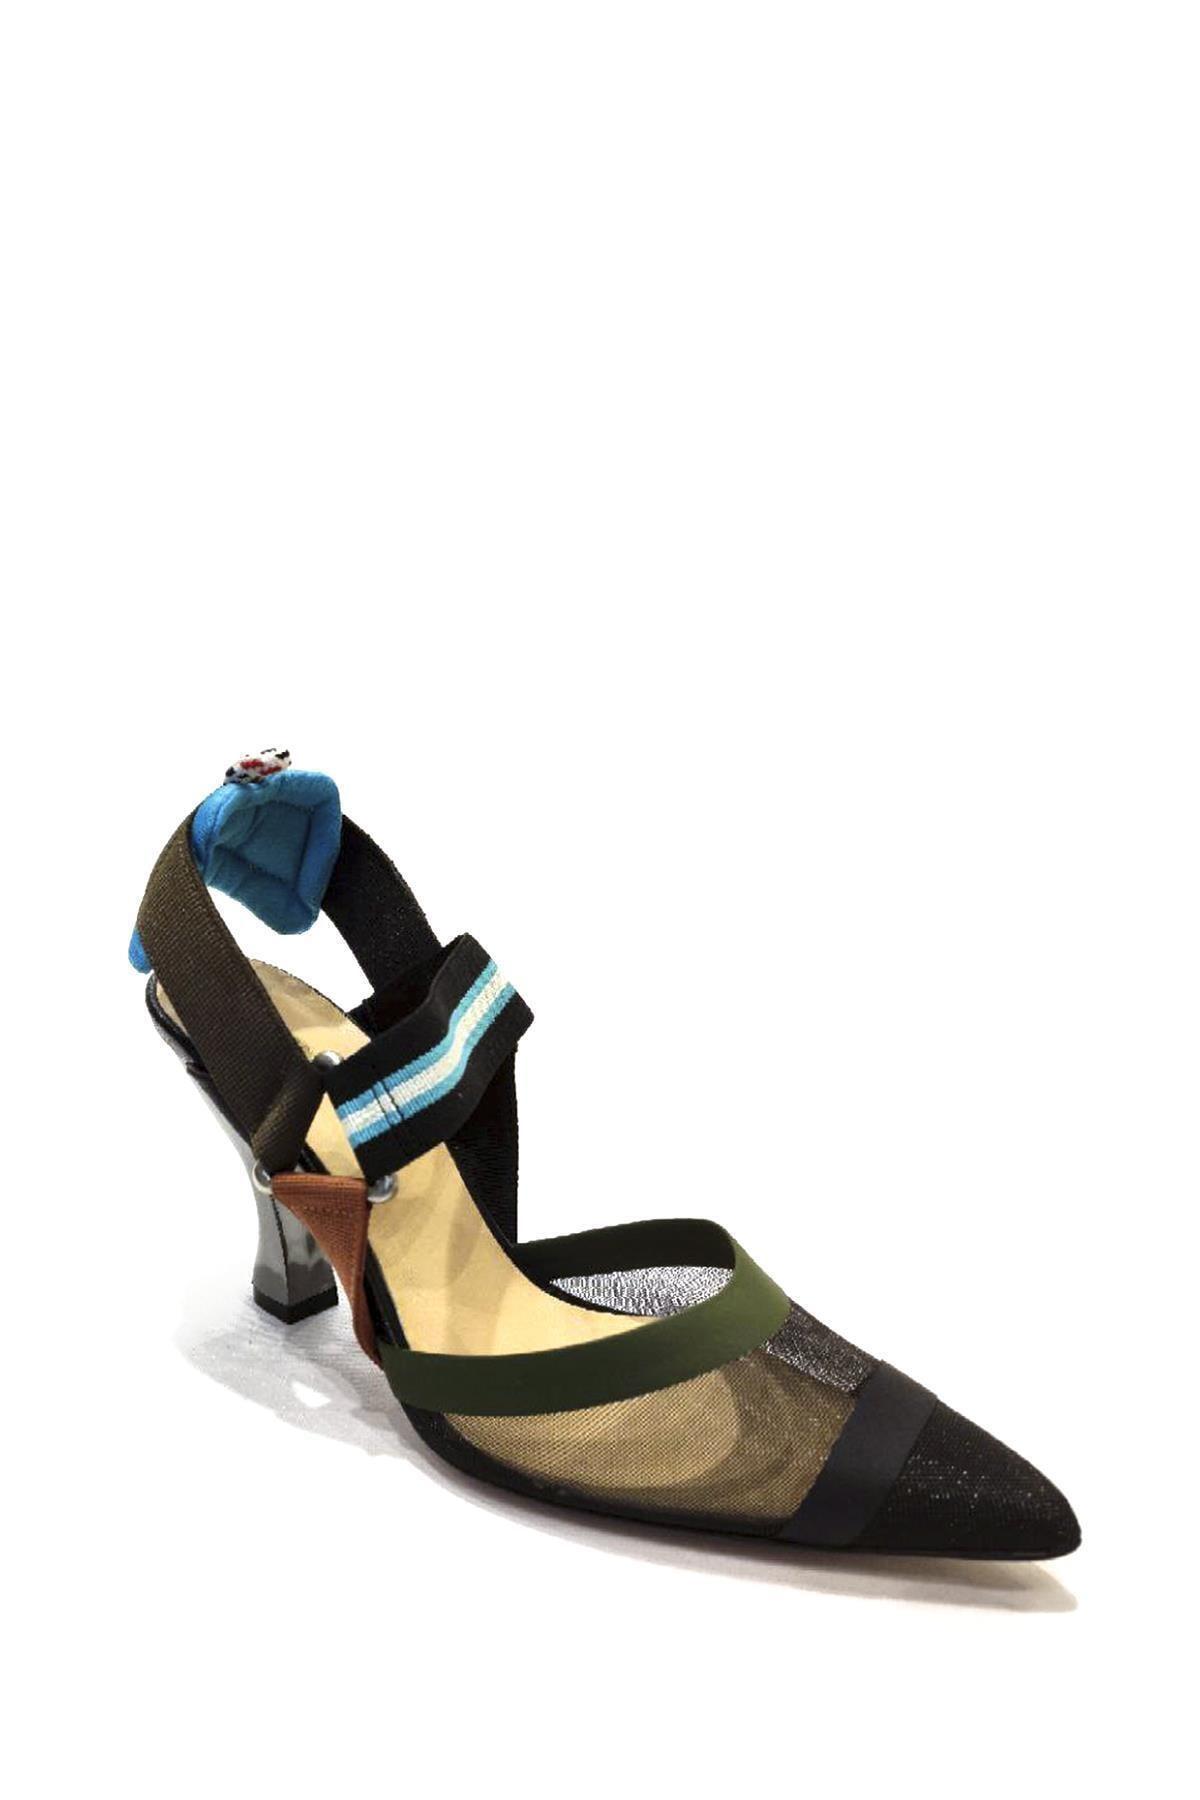 Sofia Baldi Tekstil Malzemesi Klasik Topuklu Ayakkabı Sfb19y-423 01 1